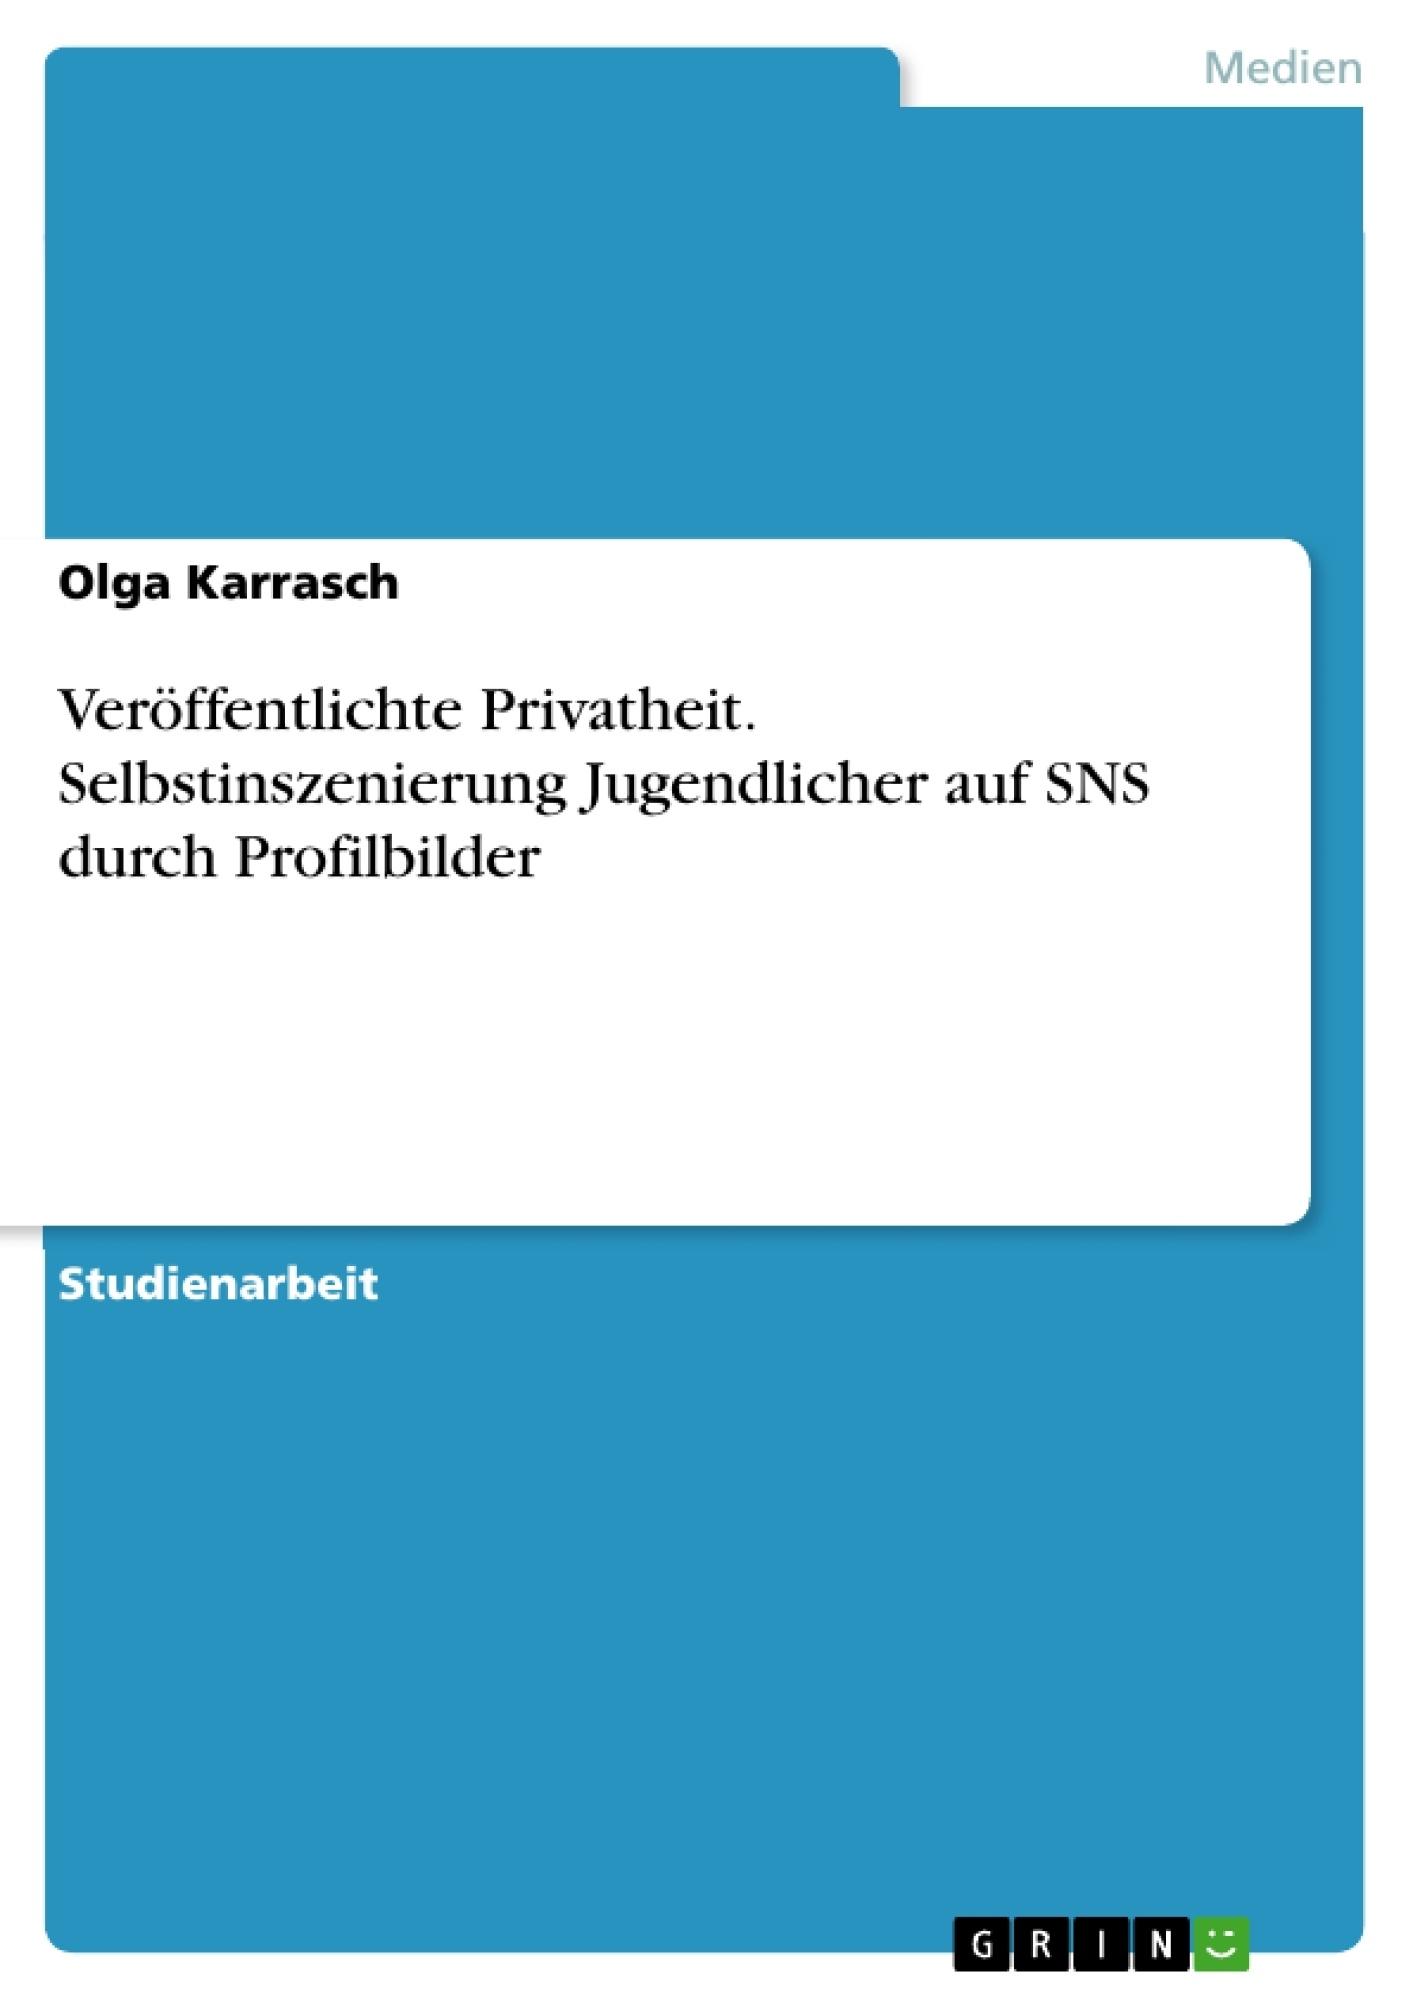 Titel: Veröffentlichte Privatheit. Selbstinszenierung Jugendlicher auf SNS durch Profilbilder